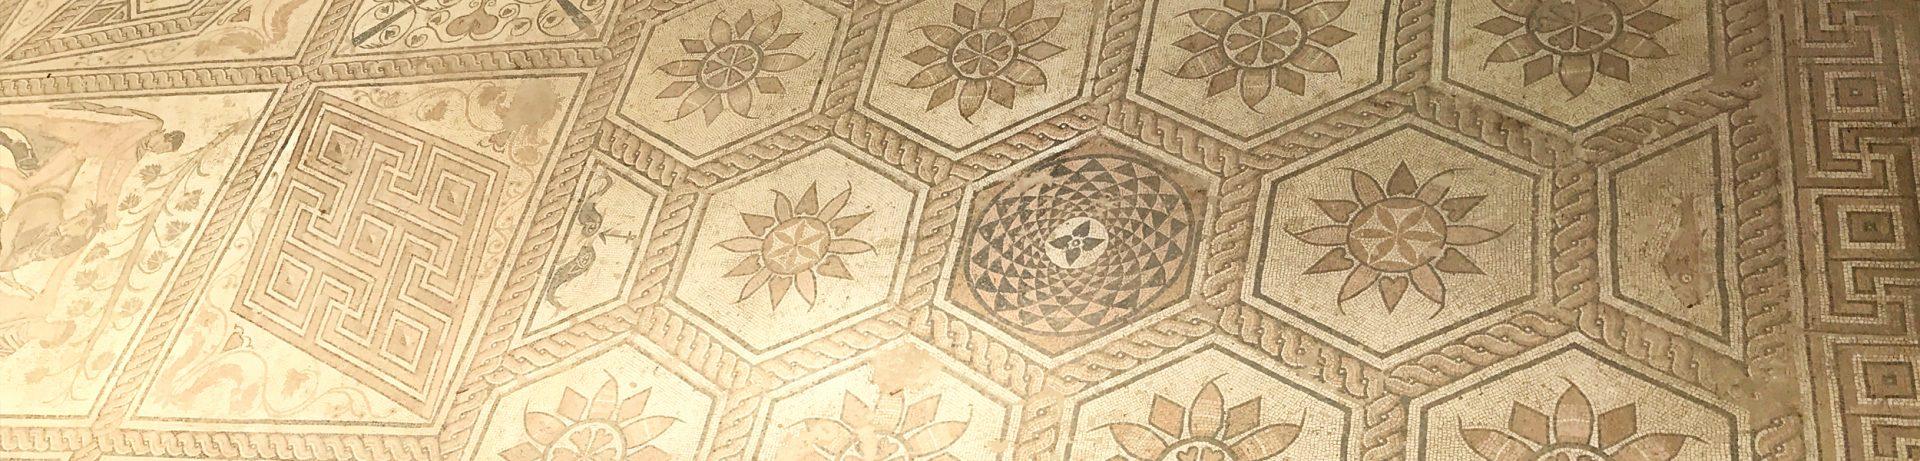 mozaika w Puli